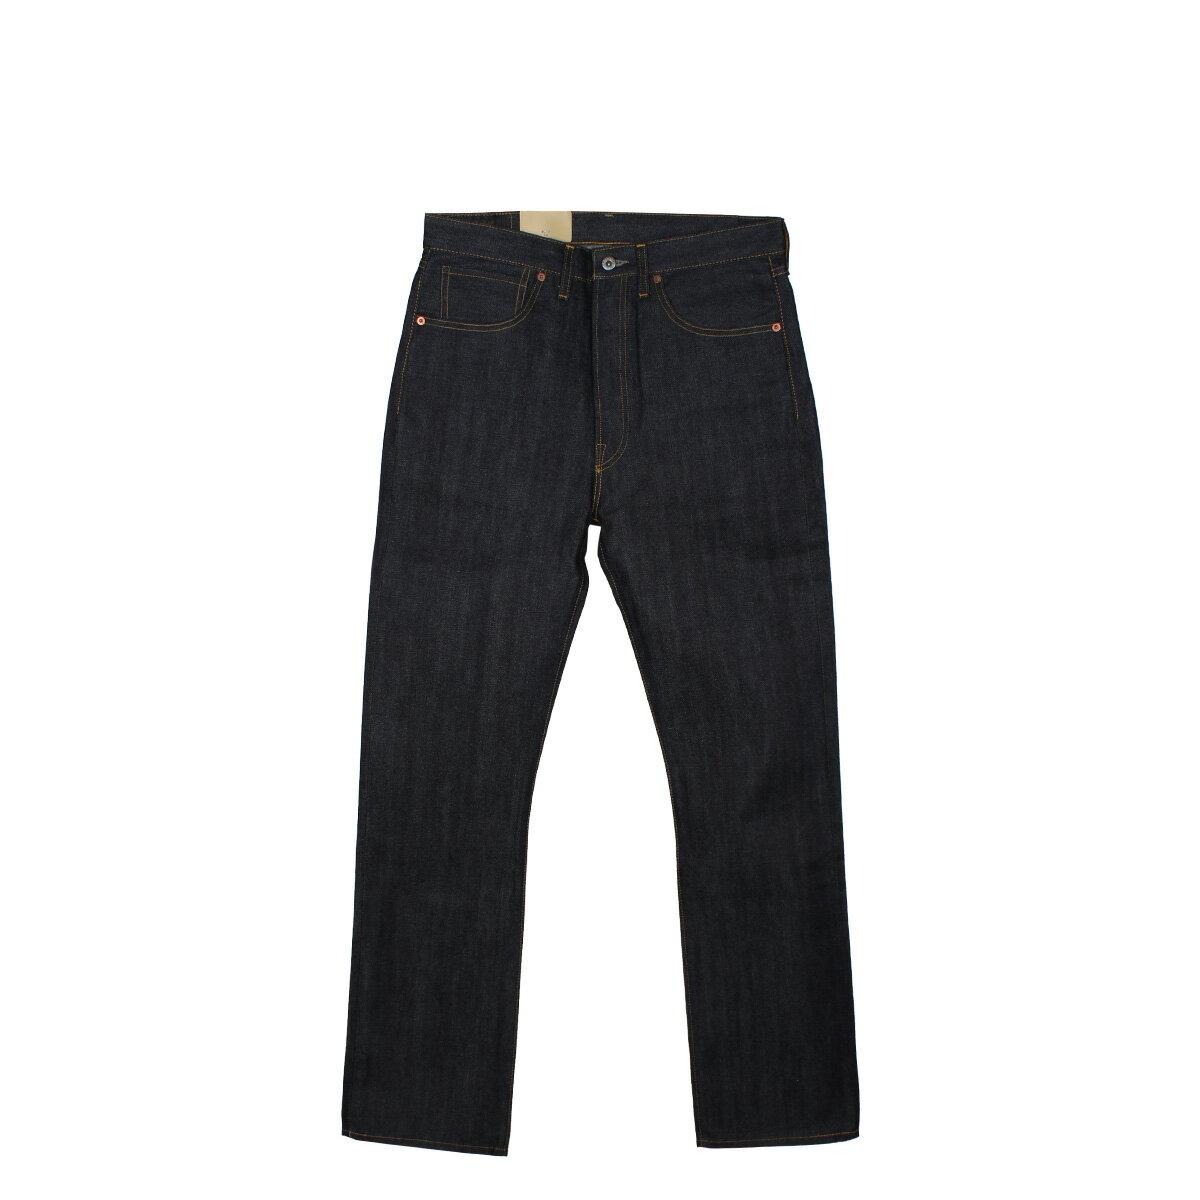 メンズファッション, ズボン・パンツ 1000OFF LEVIS VINTAGE CLOTHING 1944s 501 XX LVC 1944 44501-0072